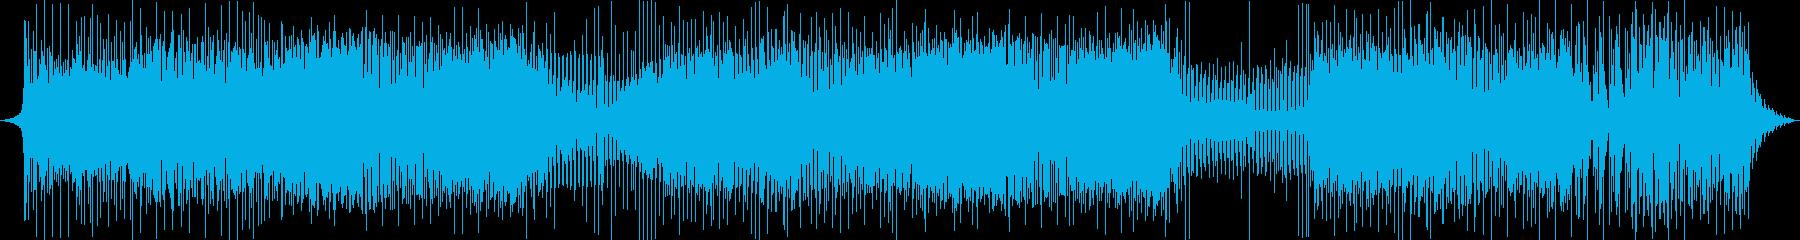 家。シンプルなシンセ、メロディーの再生済みの波形